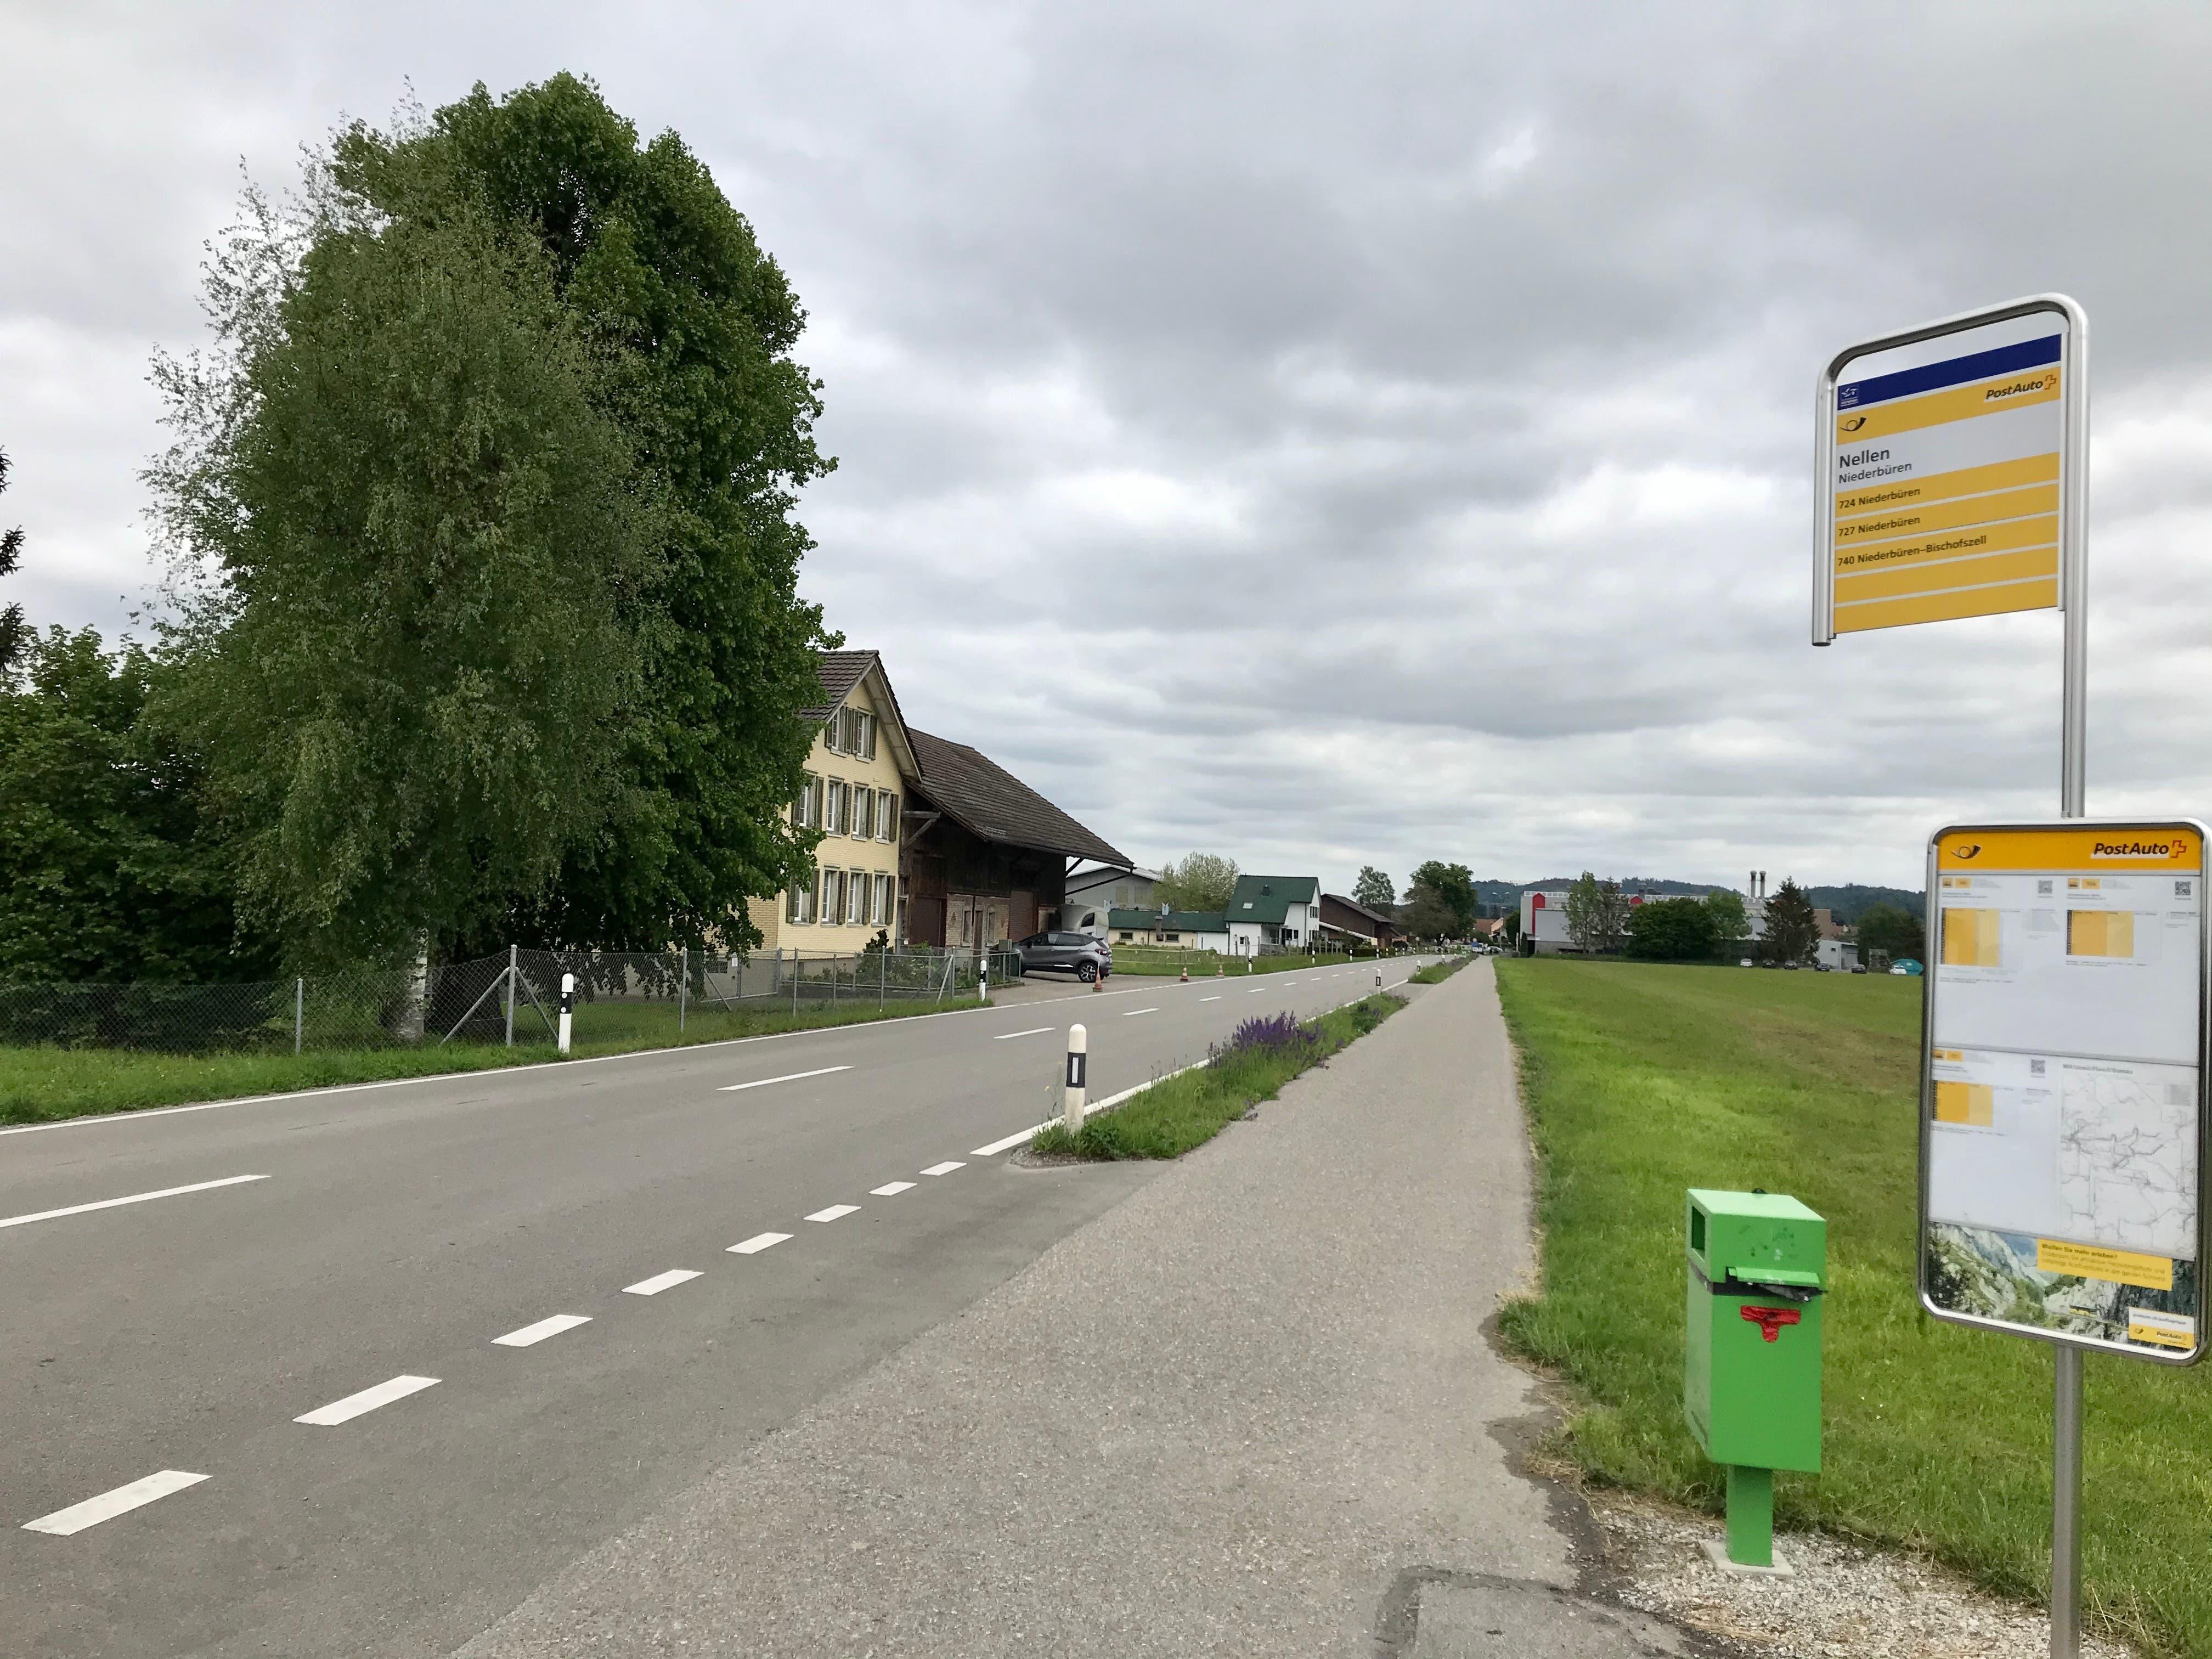 Mit zwei Jahren Verspätung gilt seit Mai Tempo 60 auf der Niederbürer Staatsstrasse. Die Drosselung dient der Sicherheit der ÖV-Passagiere, welche die Haltestelle Nellen nutzen.